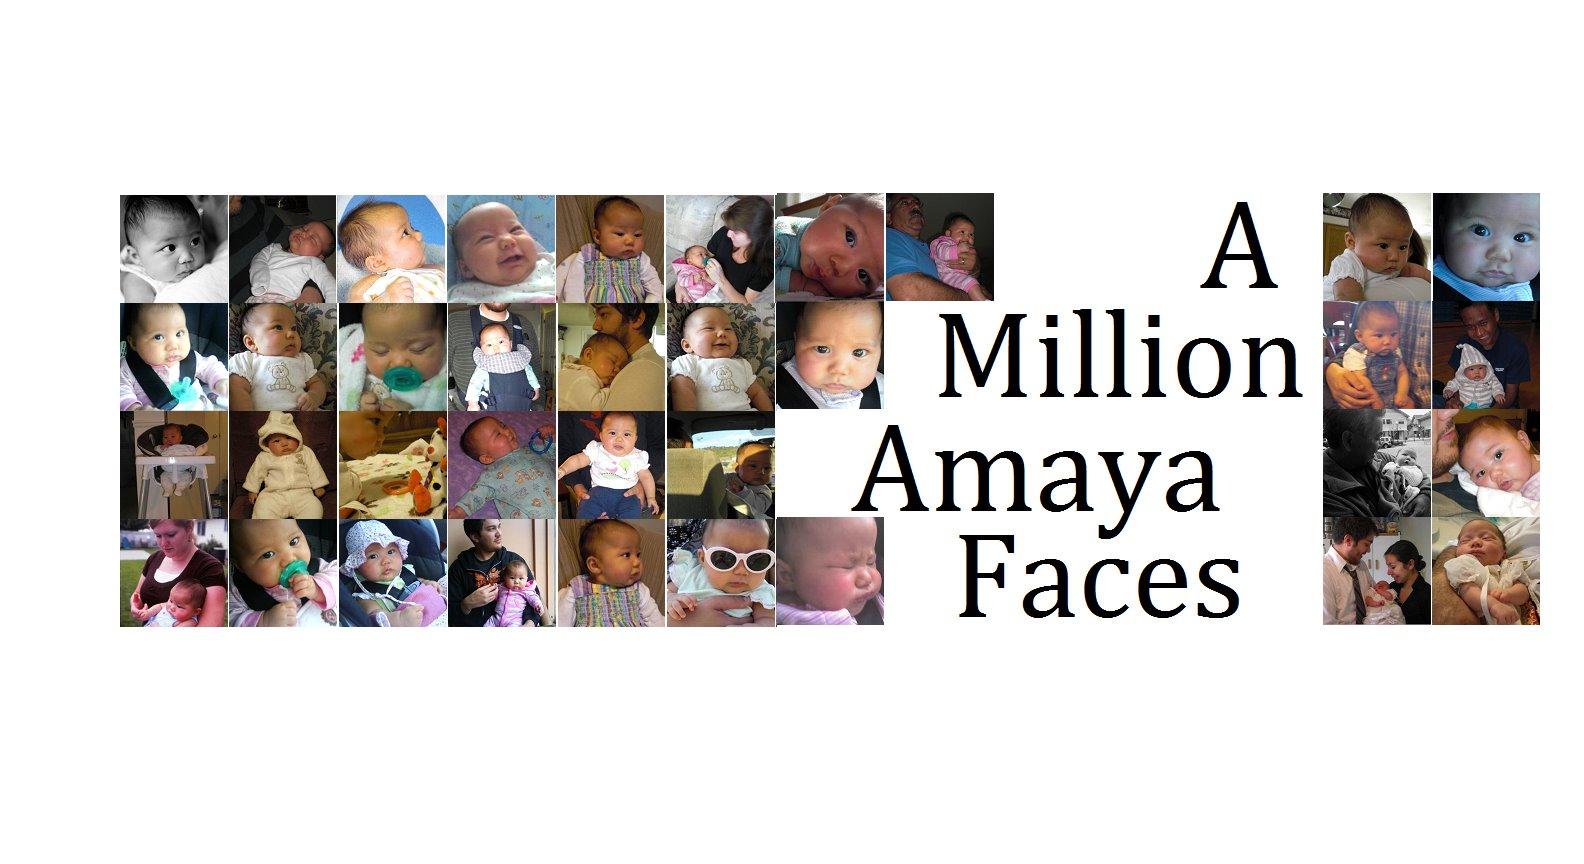 A Million Amaya Faces